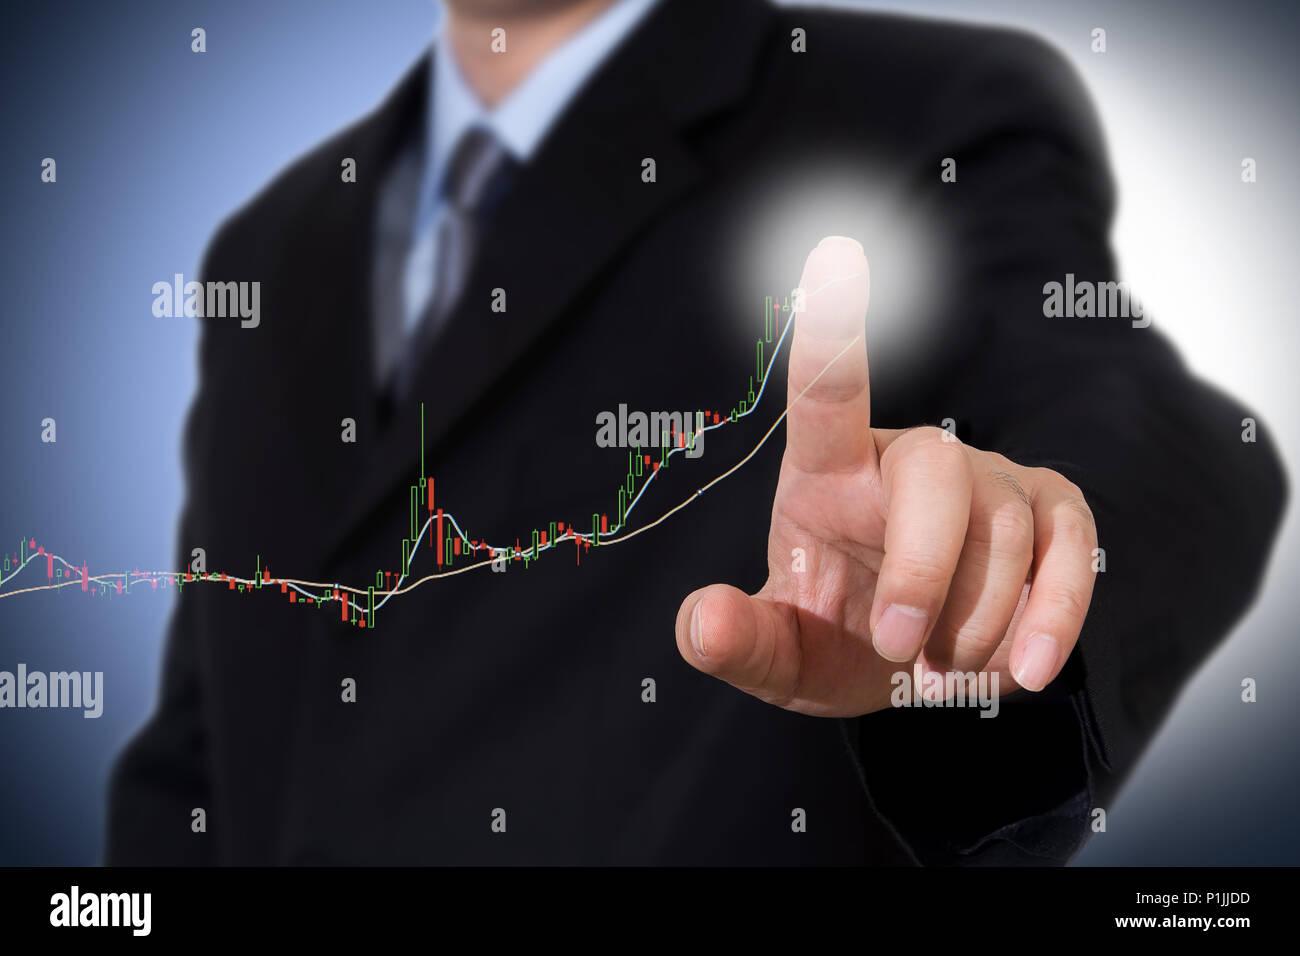 Businessman Touching un graphique qui indique la croissance. Photo Stock